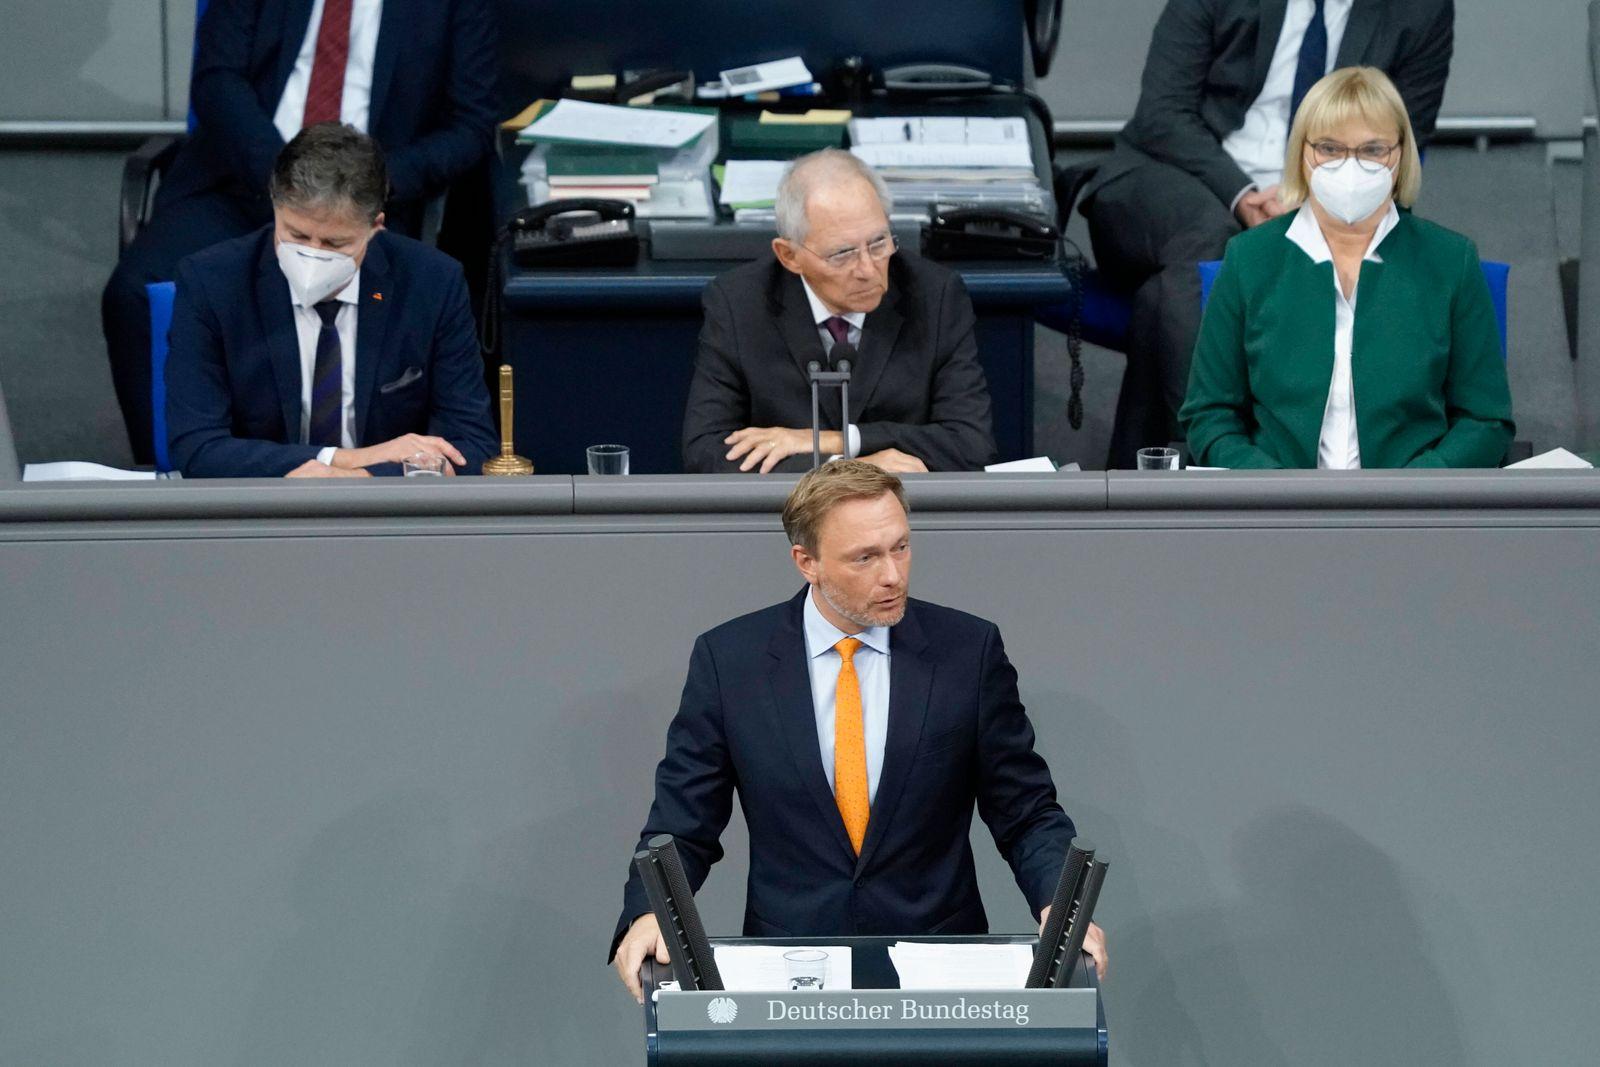 Deutscher Bundestag 195. Sitzung Plenum und Debatte Aktuell, 26.11.2020, Berlin, Christian Lindner (FDP) bei seiner Rede